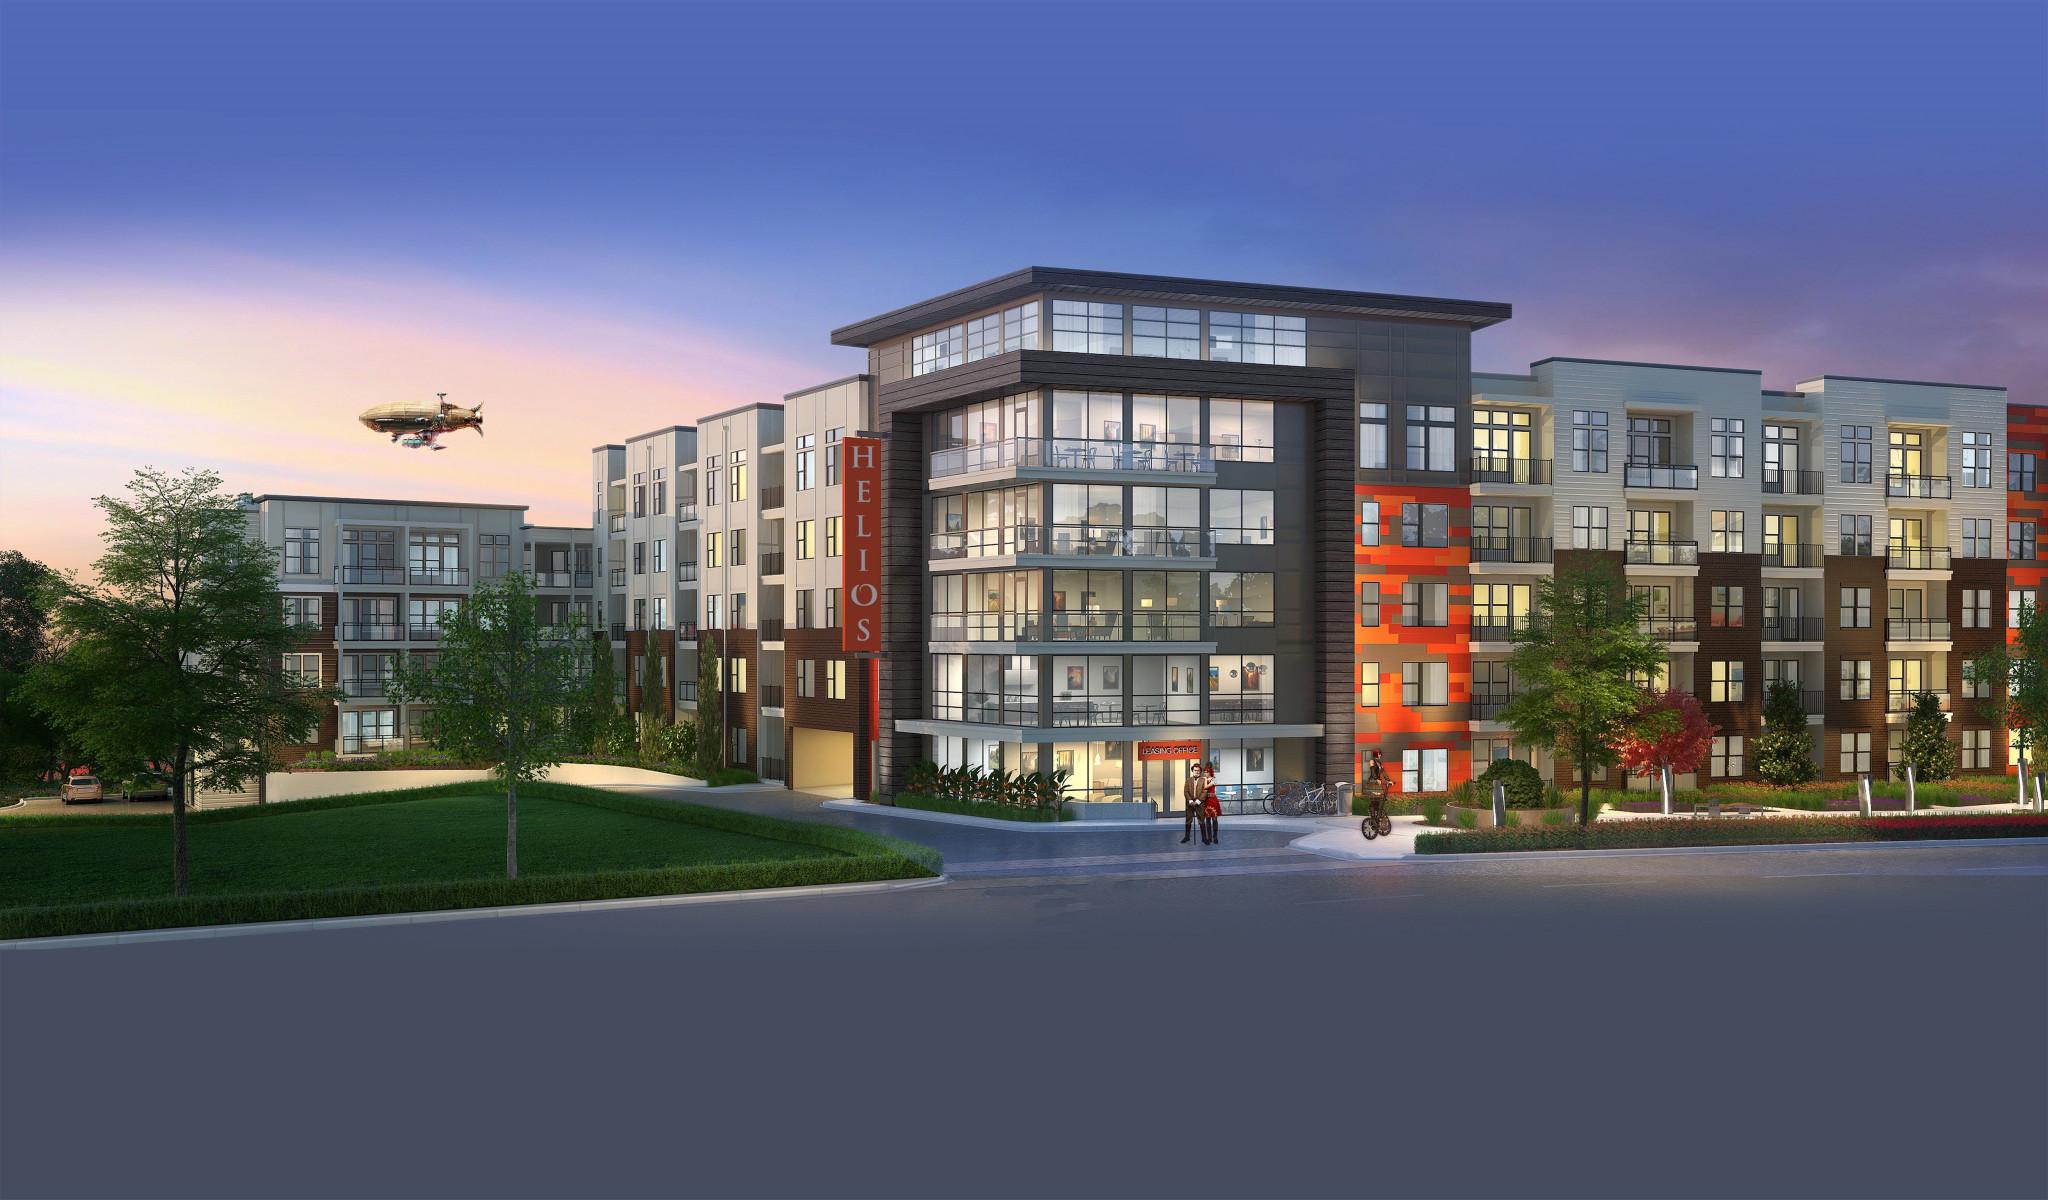 Helios Apartments Rendering